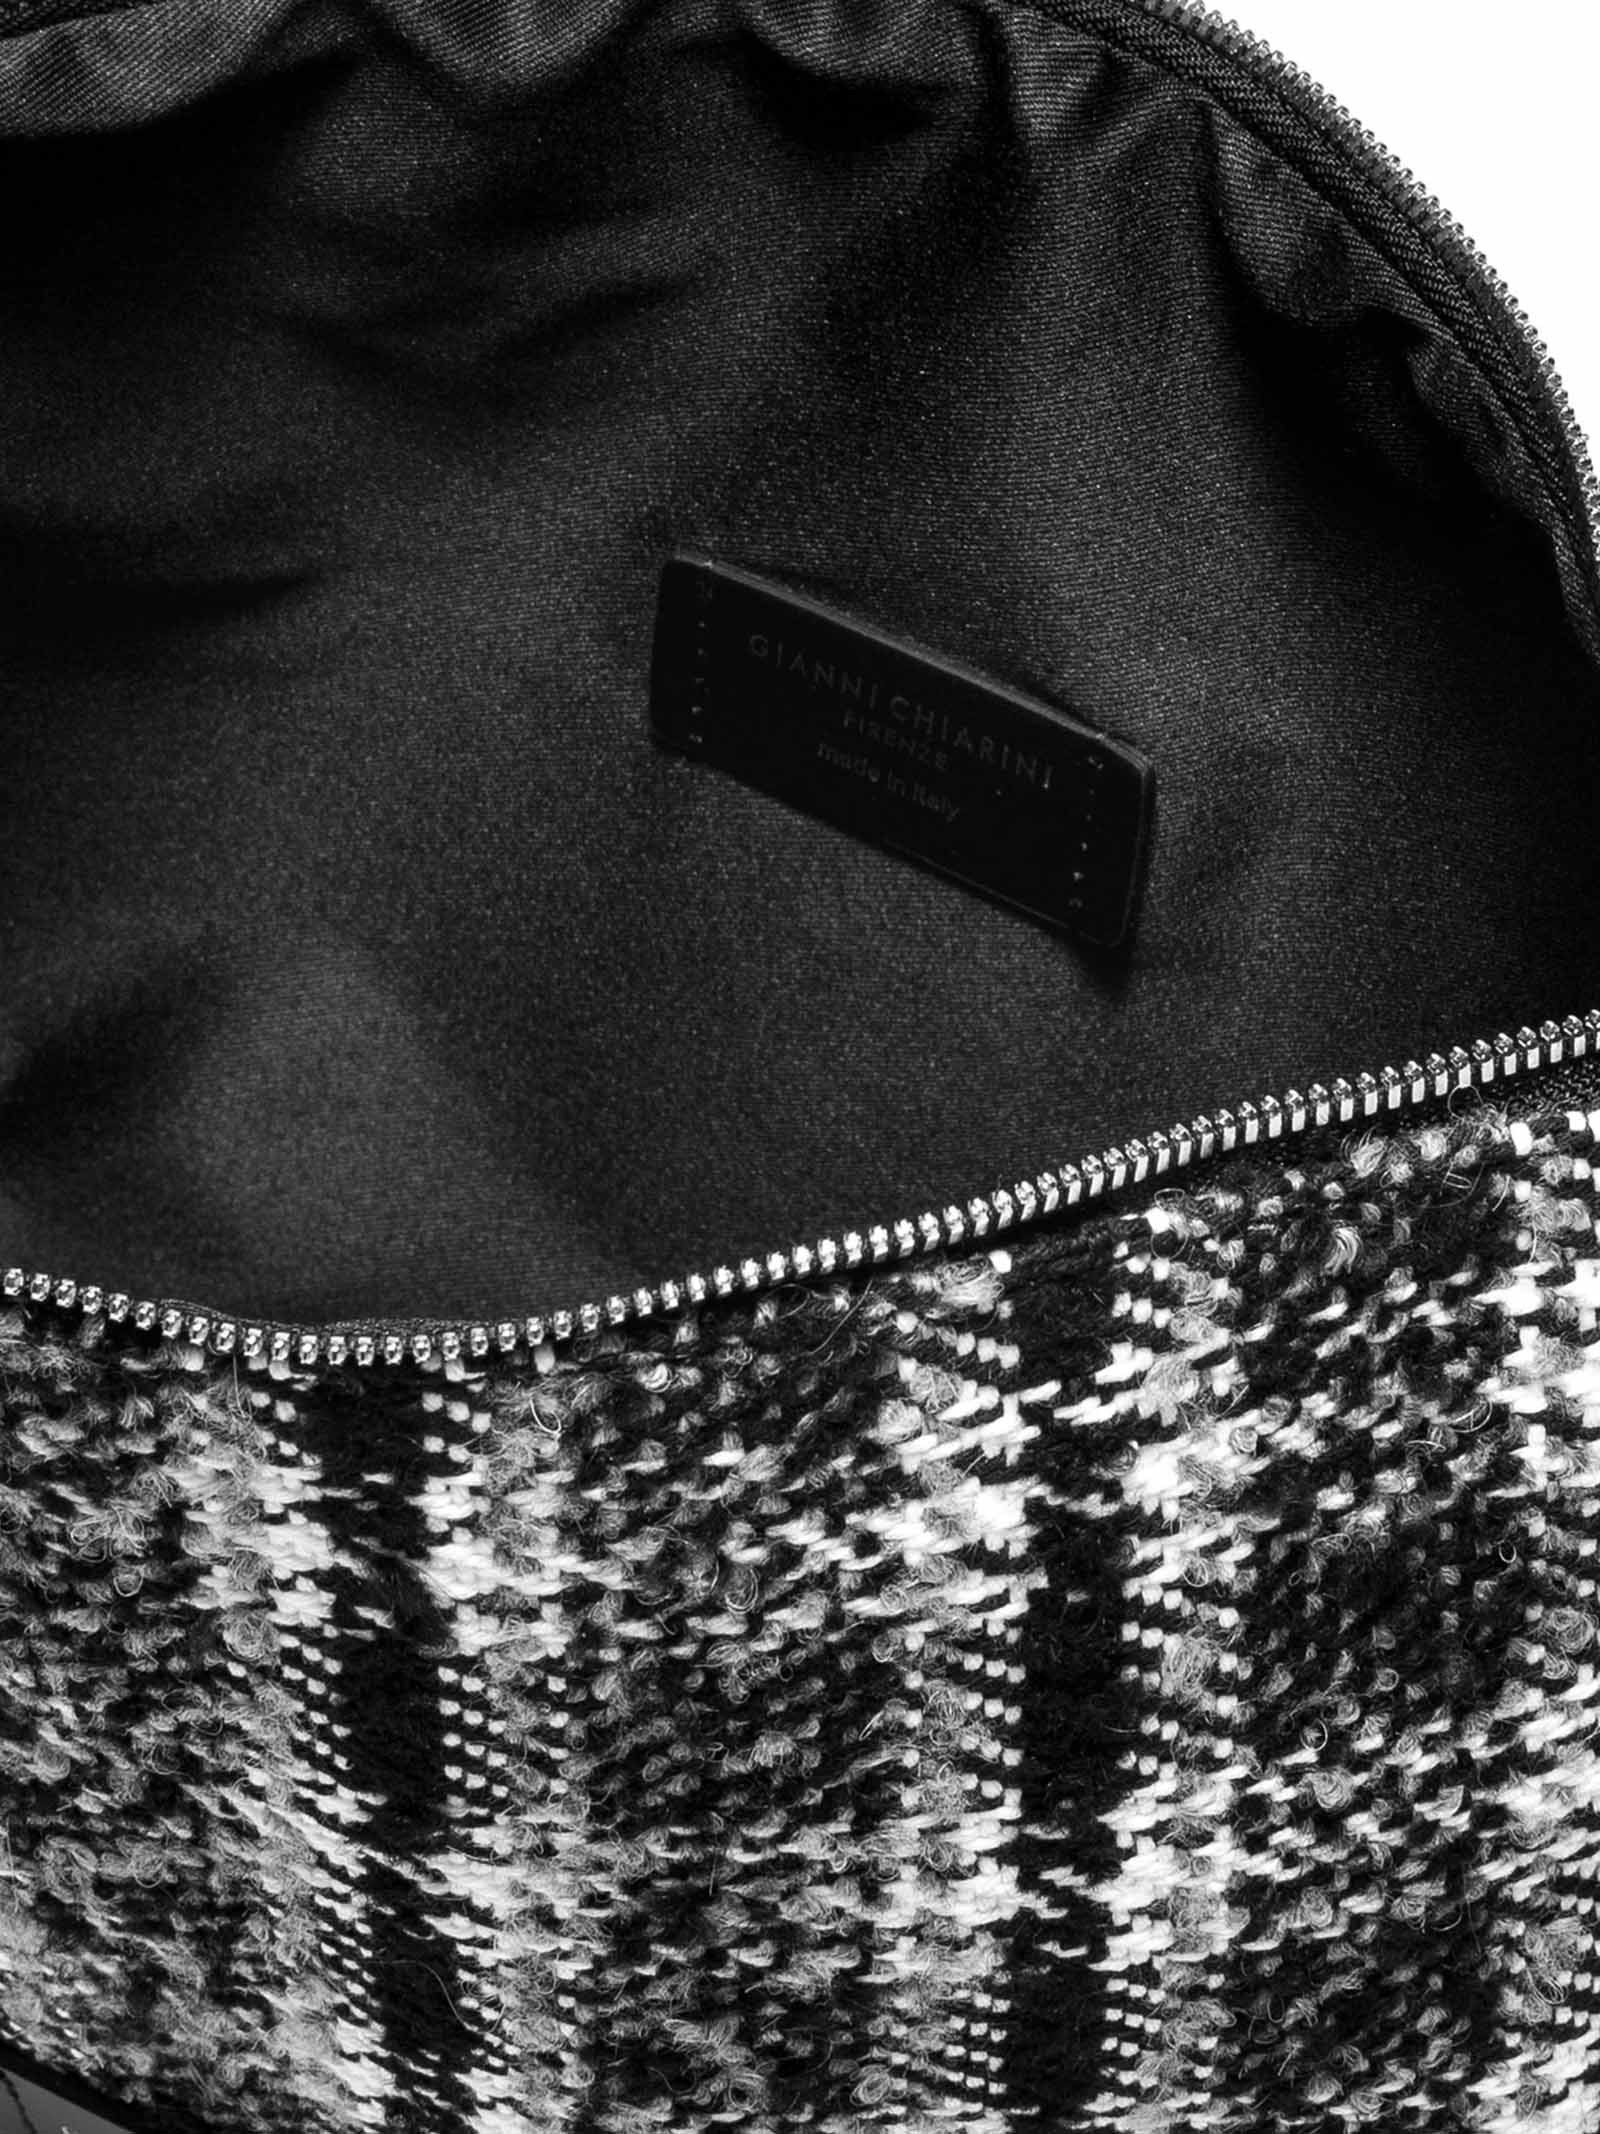 Accessori Donna Svuota Borse in Tessuto Bianco e Nero a Quadri con Tracolla e Bracciale in Pelle Gianni Chiarini | Borse e zaini | SB9391973